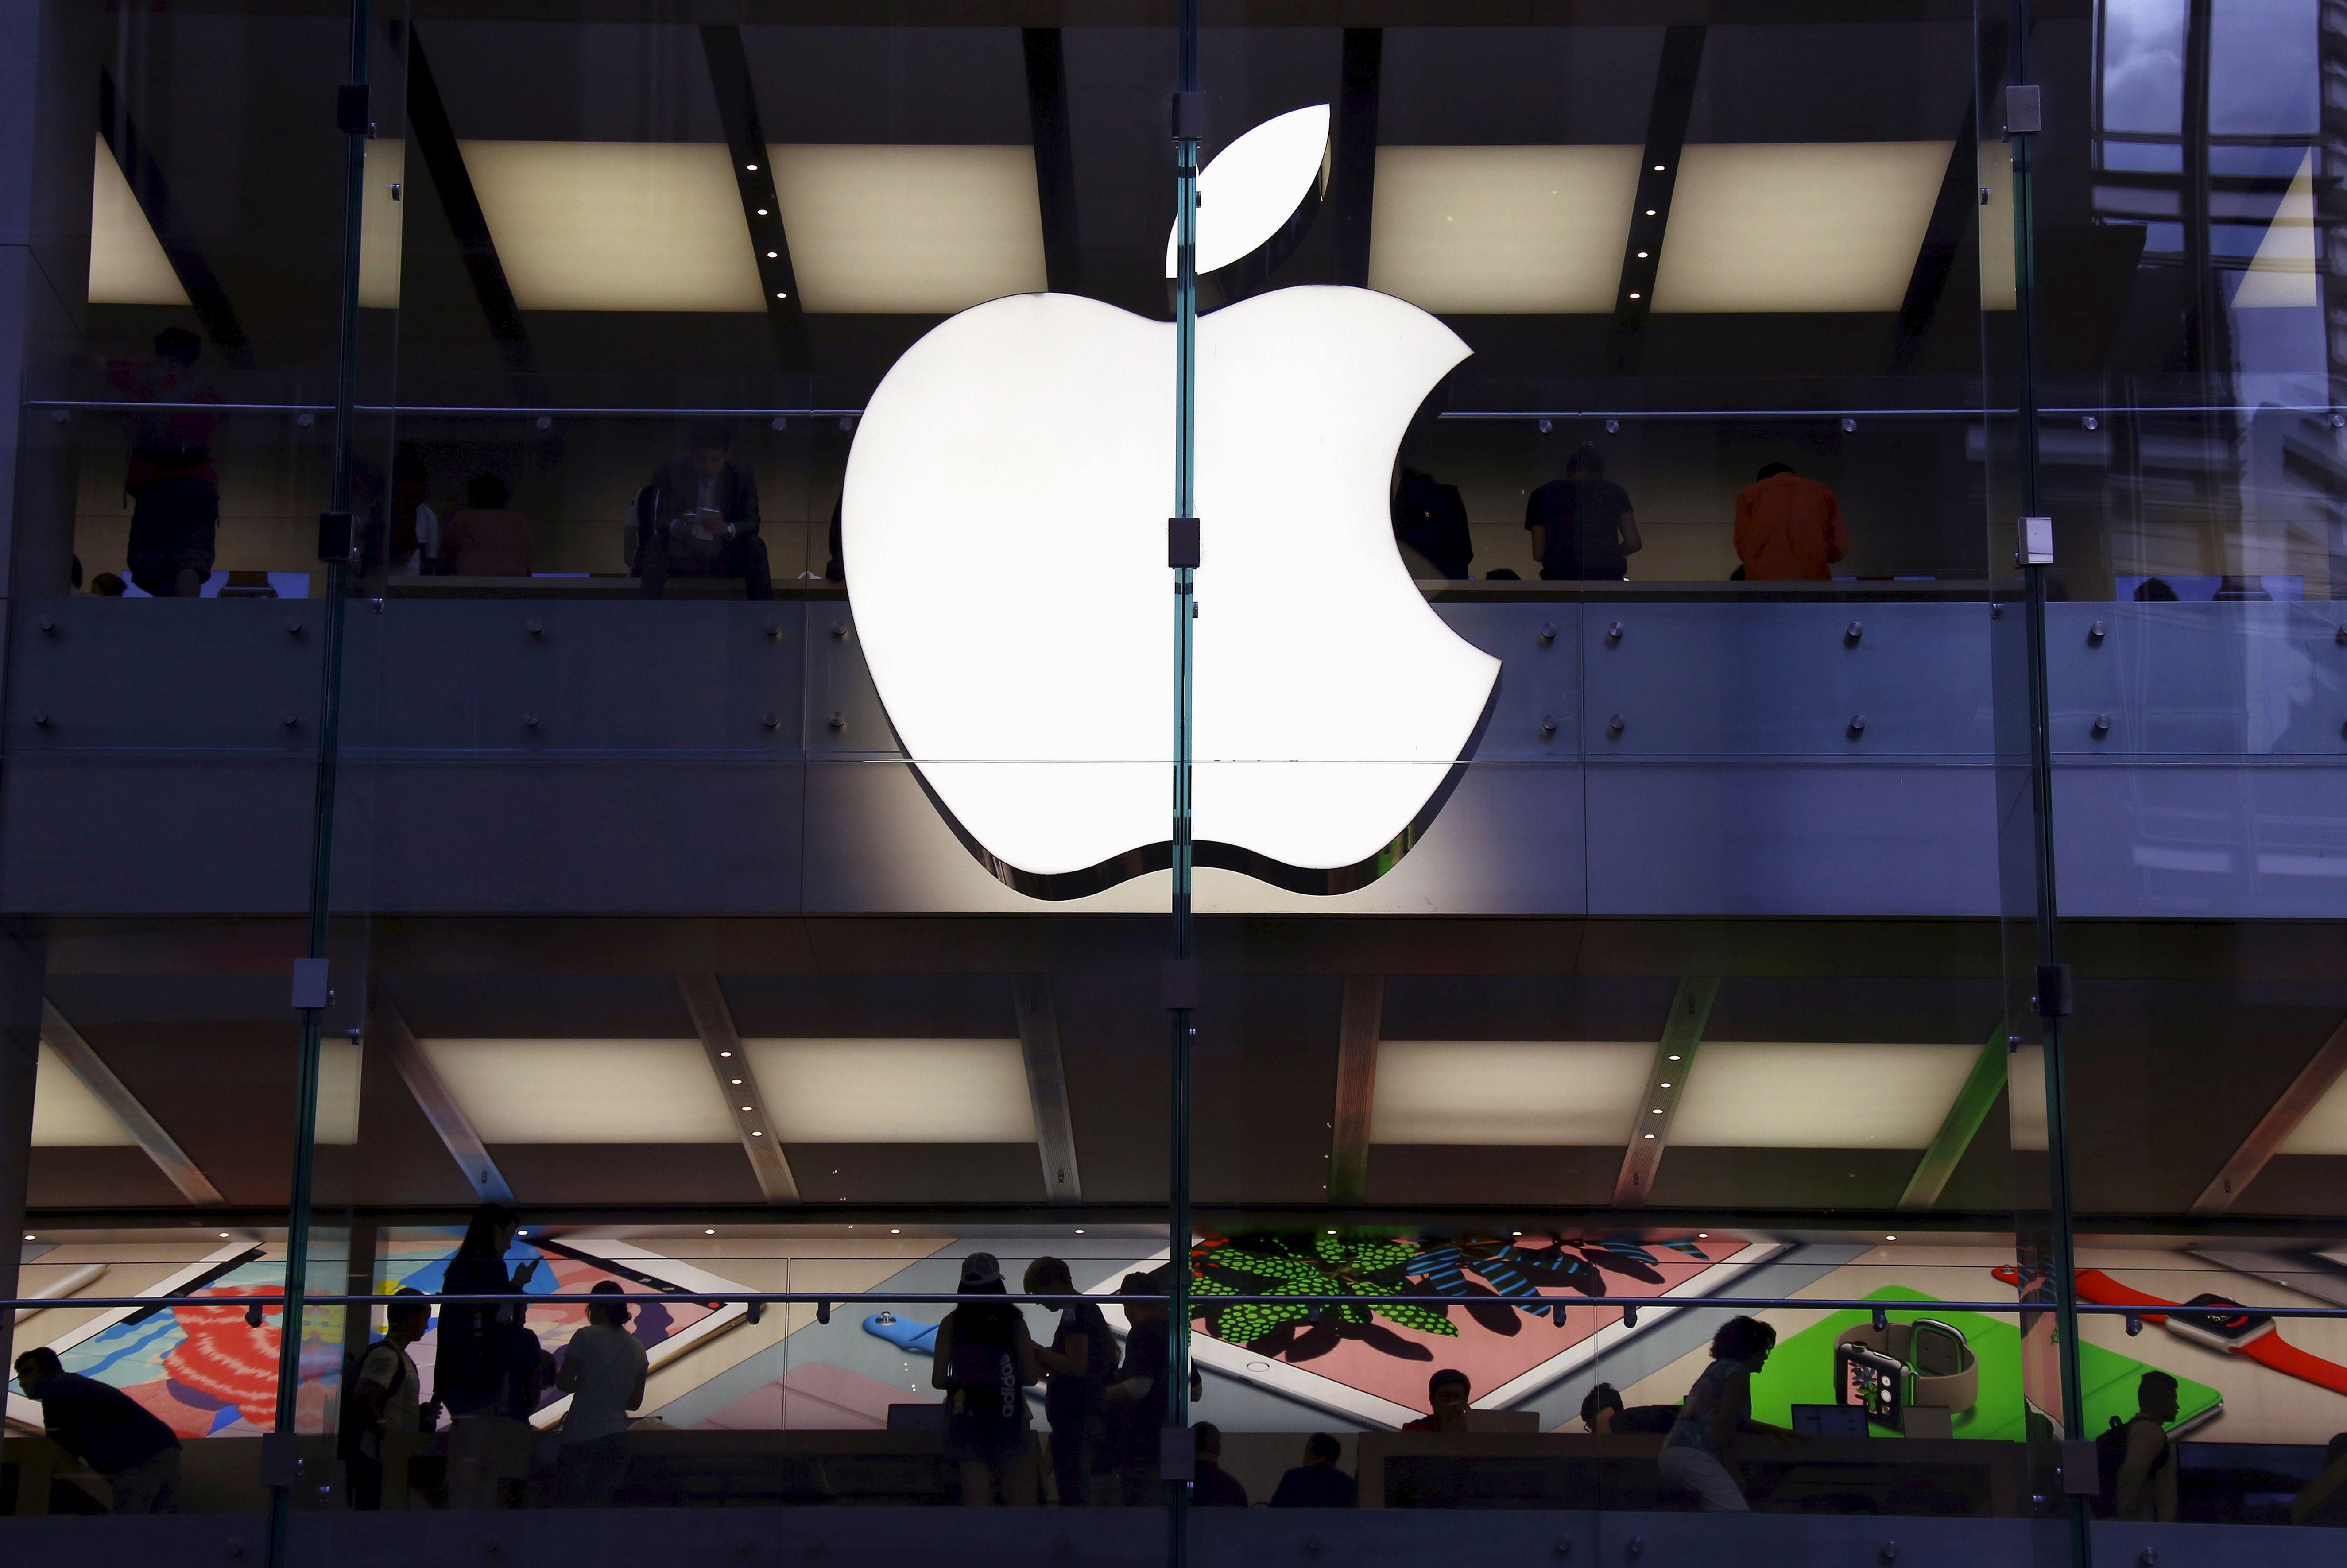 Cet élément largement oublié dans les explications sur la valorisation de 1000 milliards de dollars d'Apple